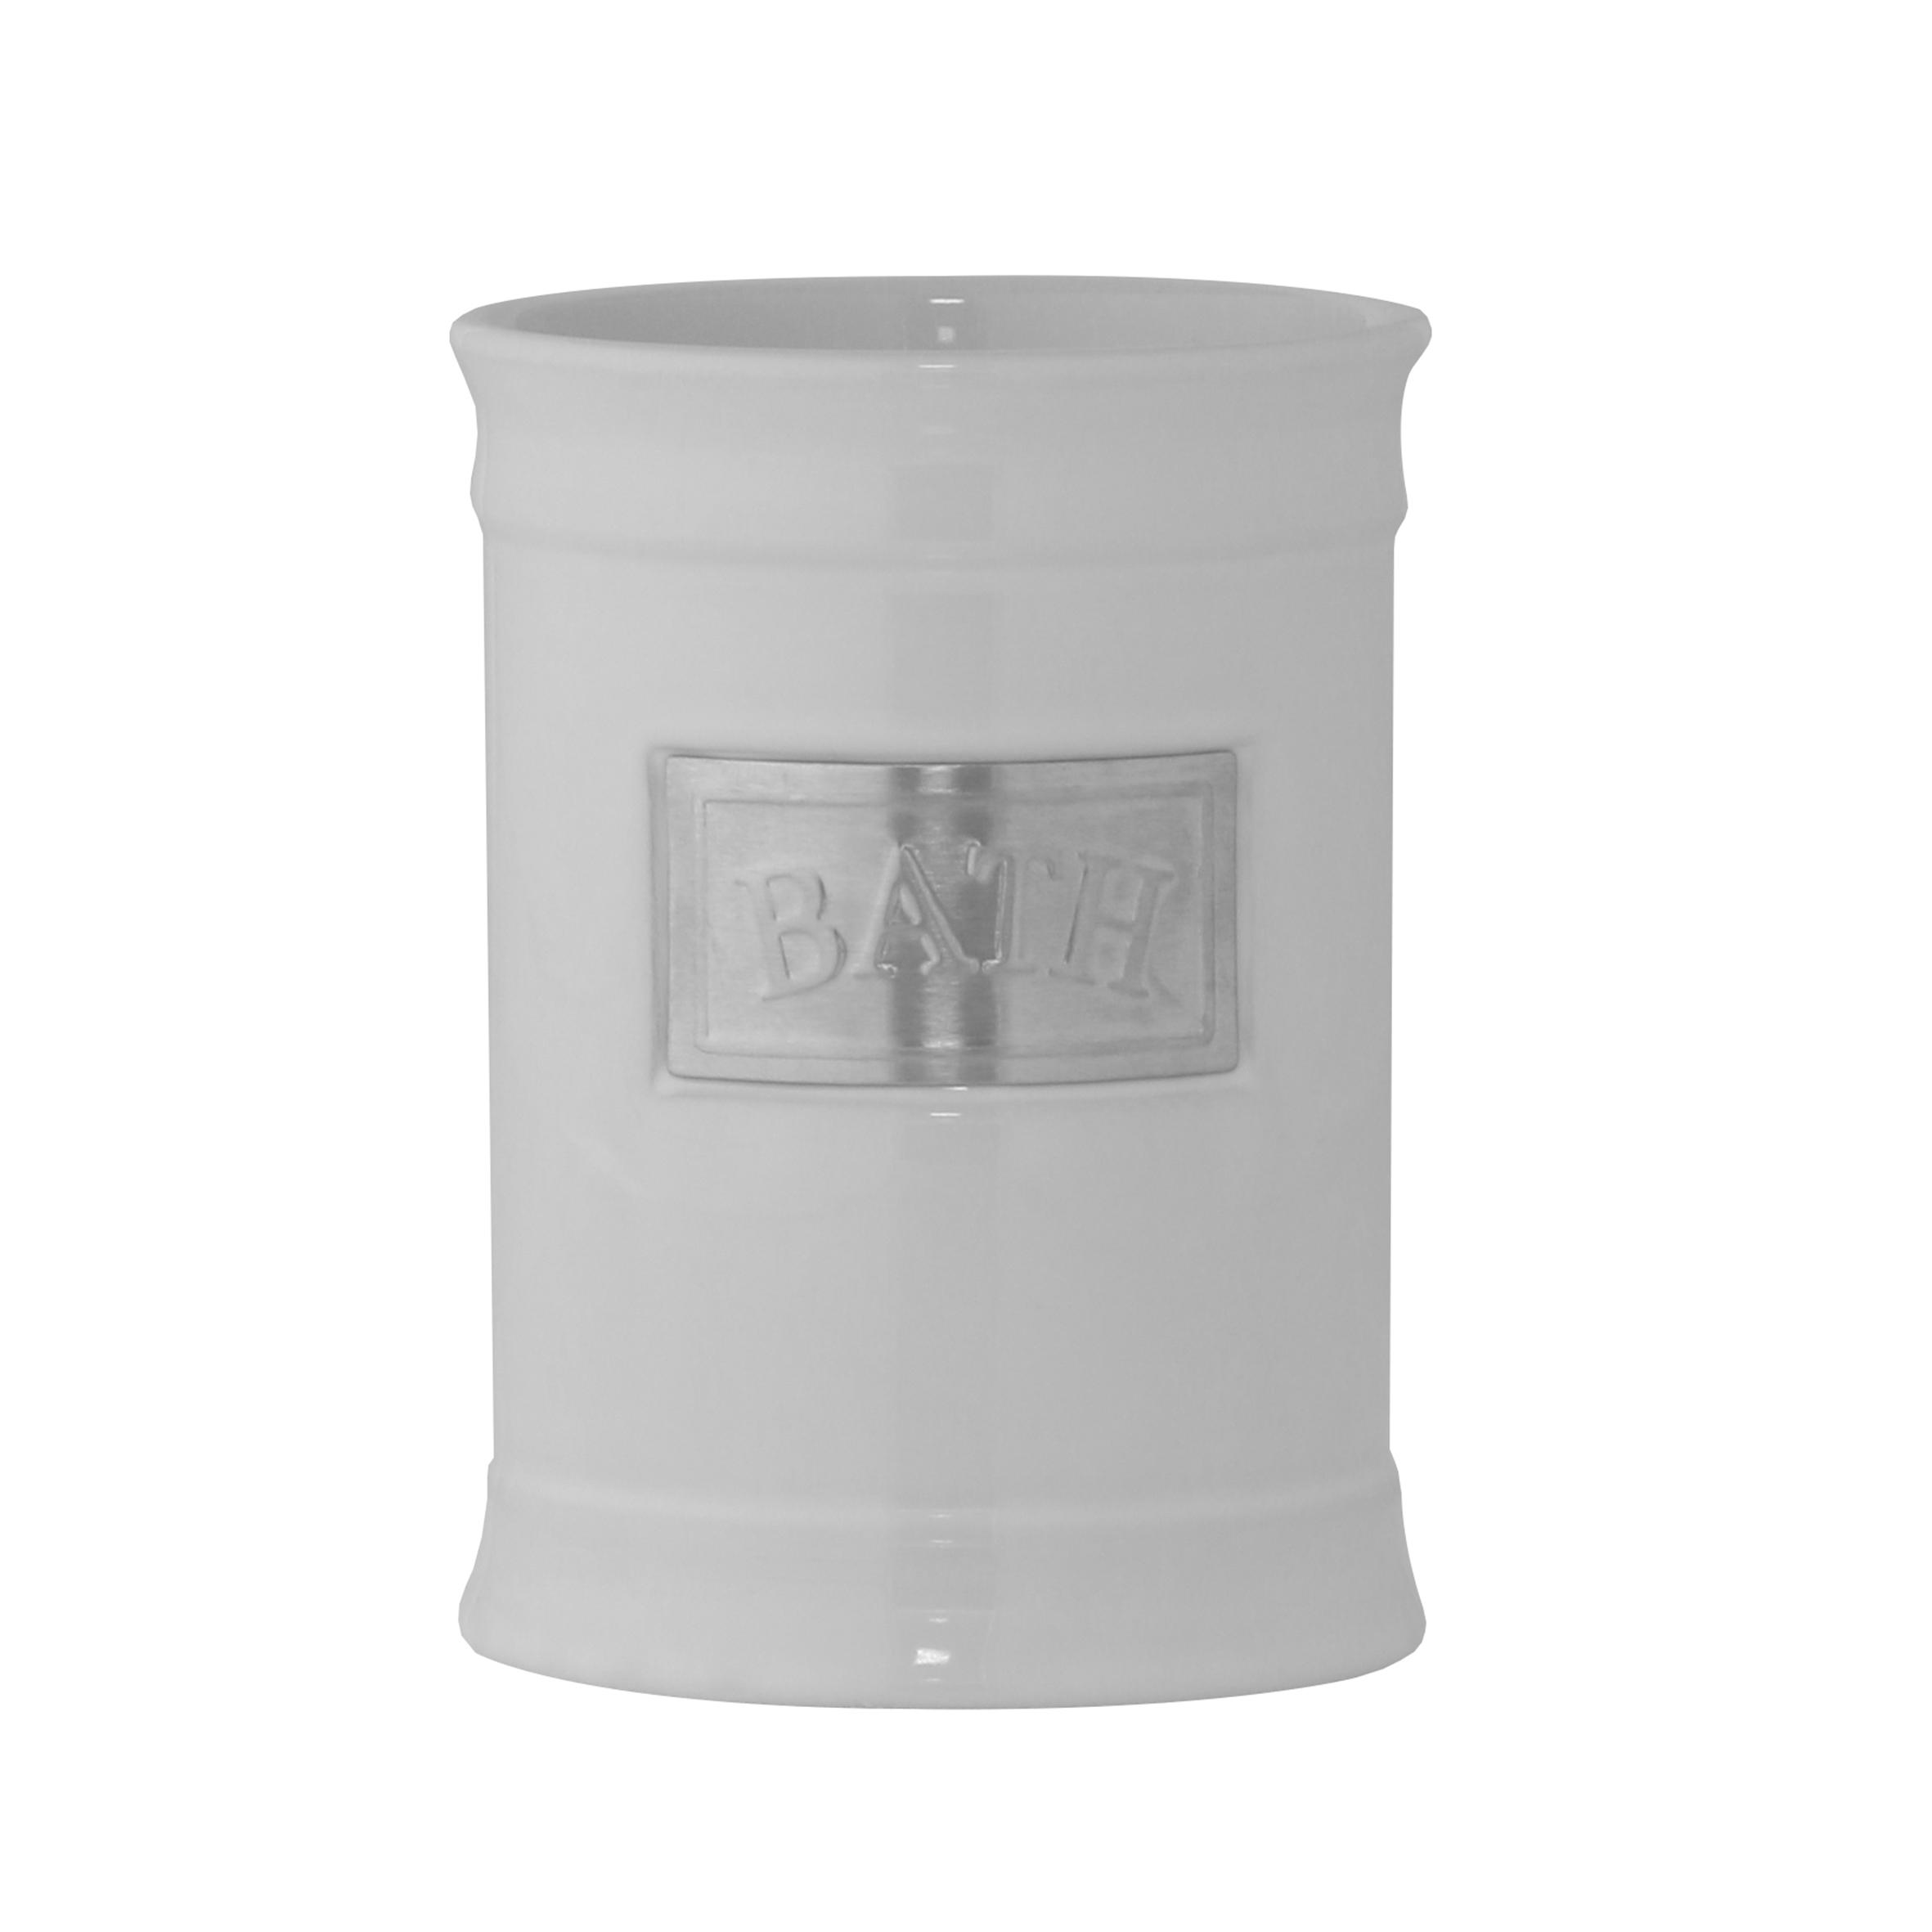 Стакан для ванной комнаты Axentia Lyon, высота 11,5 см122424Стакан для ванной комнаты Axentia Lyon выполнен из белоснежной керамики с элементами из нержавеющей стали в античном стиле. Изделие отлично подойдет для любого интерьера ванной комнаты.Высота стакана: 11,5 см.Диаметр стакана (по верхнему краю): 8,5 см.